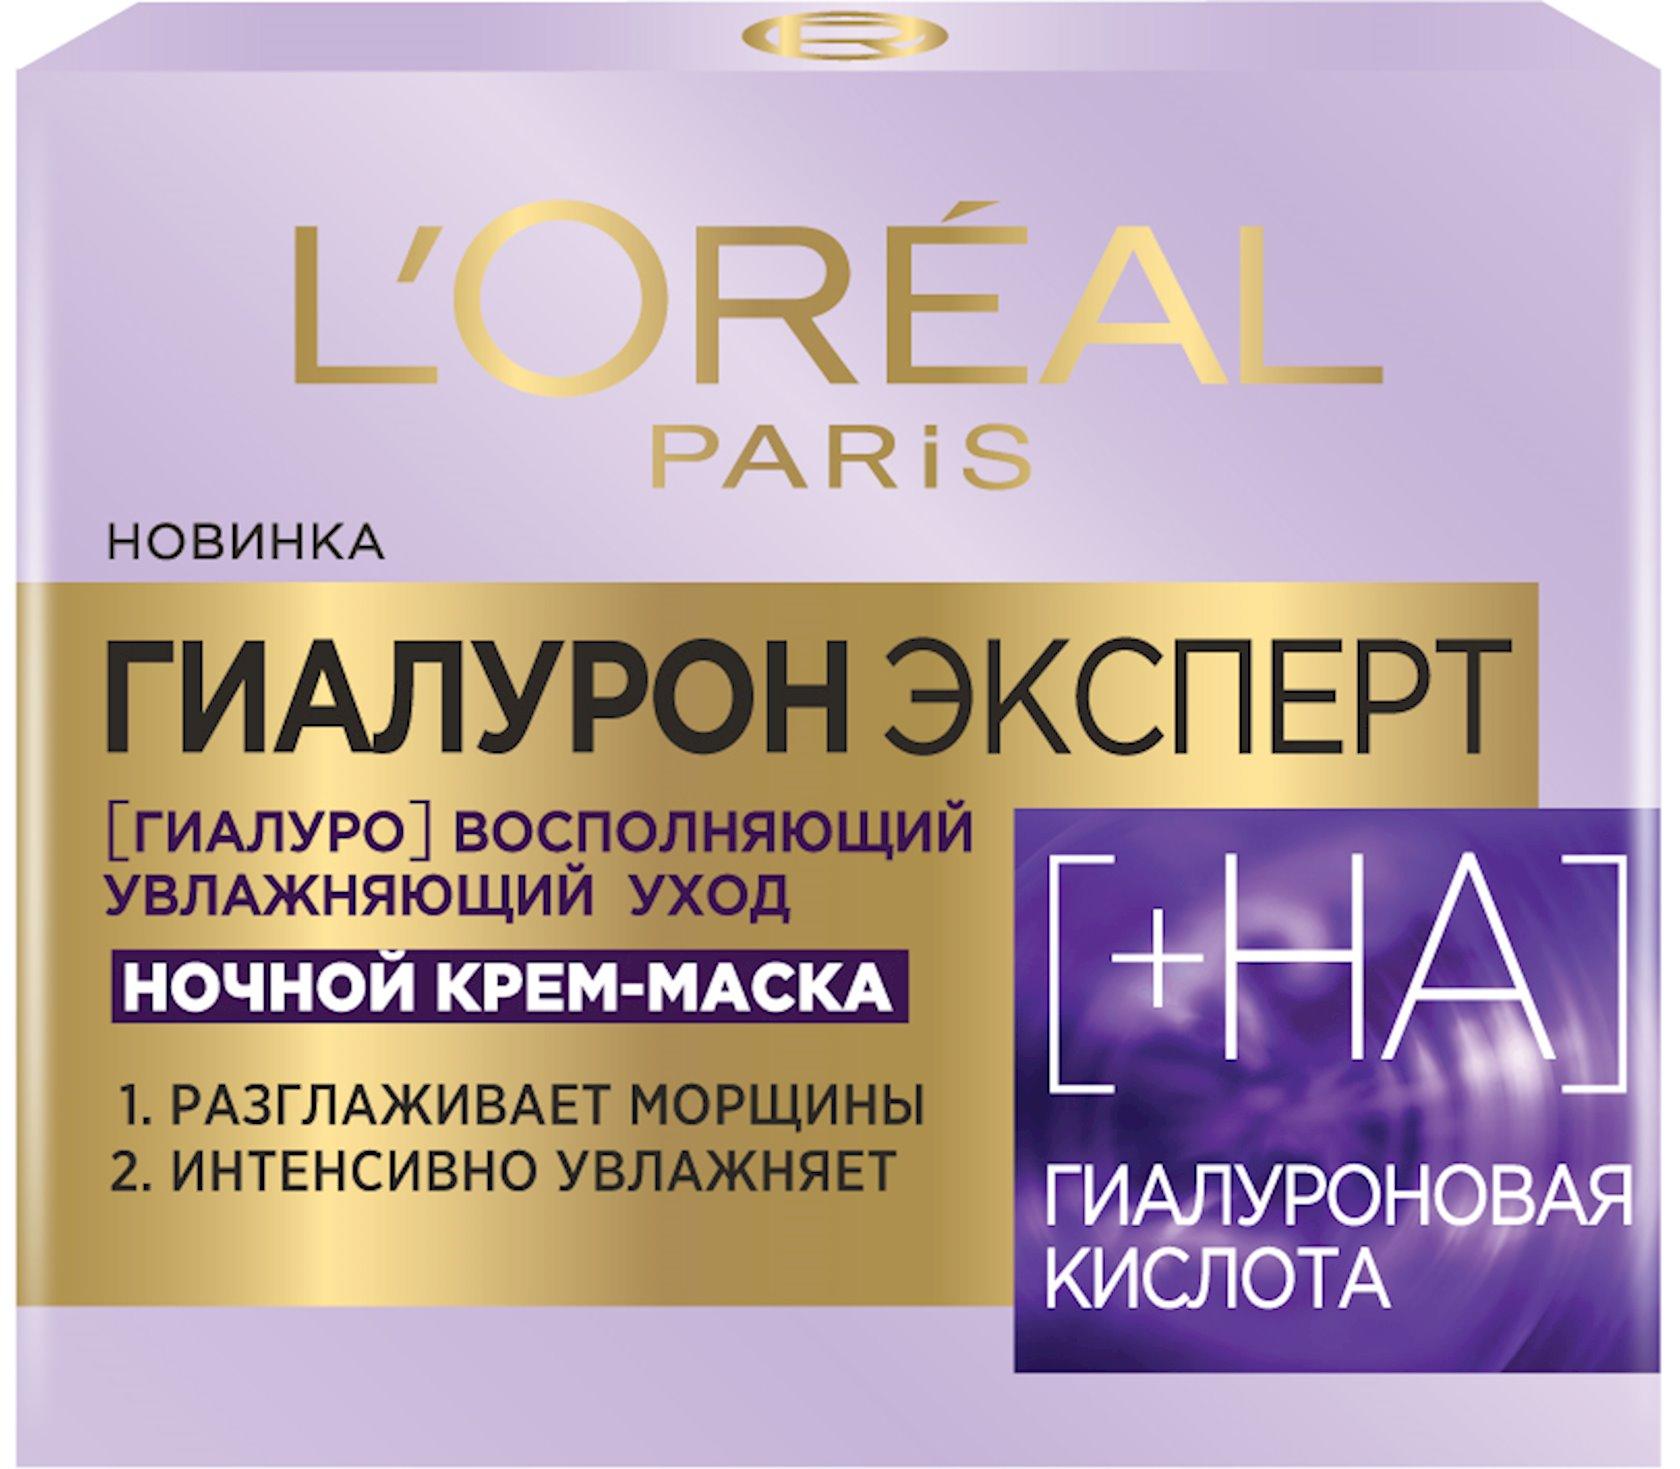 Gecə krem-maskası üz dərisi üçün L'Oreal Paris Hyaluron ekspert Bərpaedici Nəmləndirici Qulluq